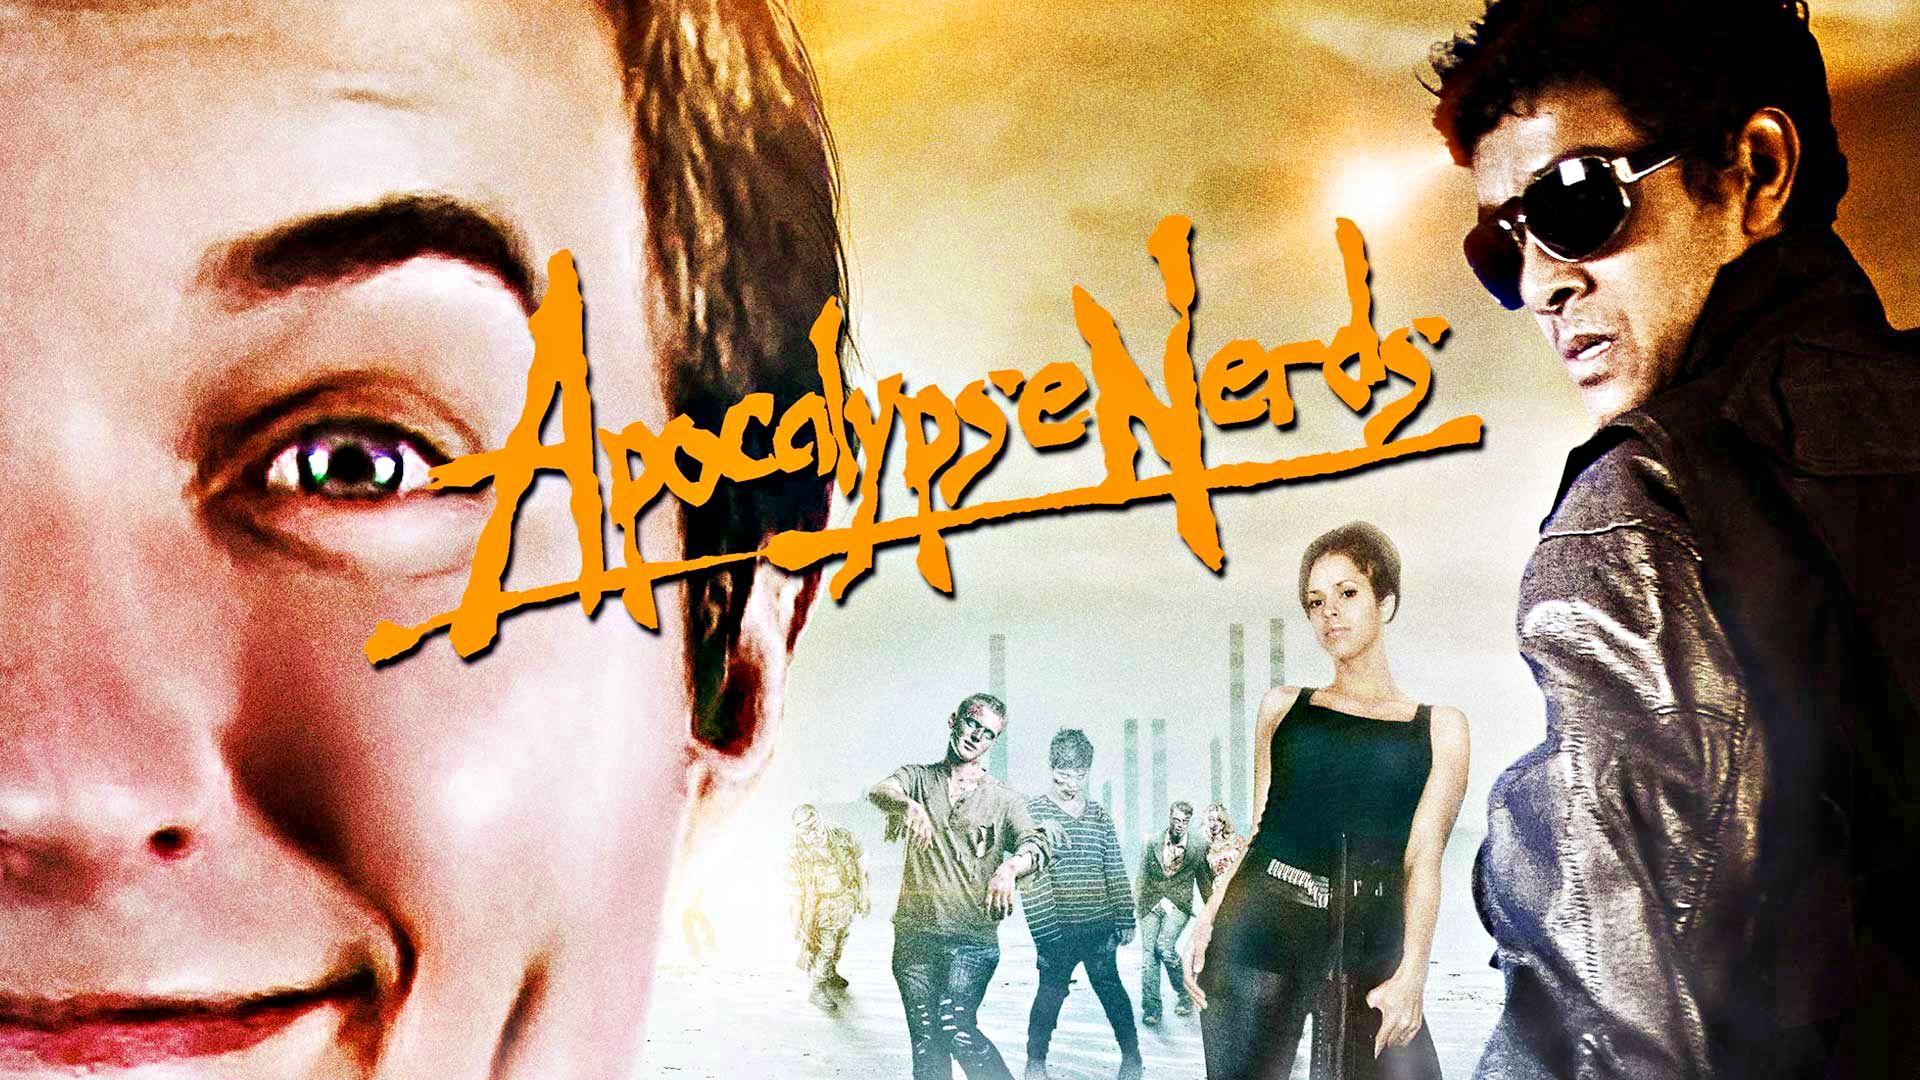 Apocalypse Nerds